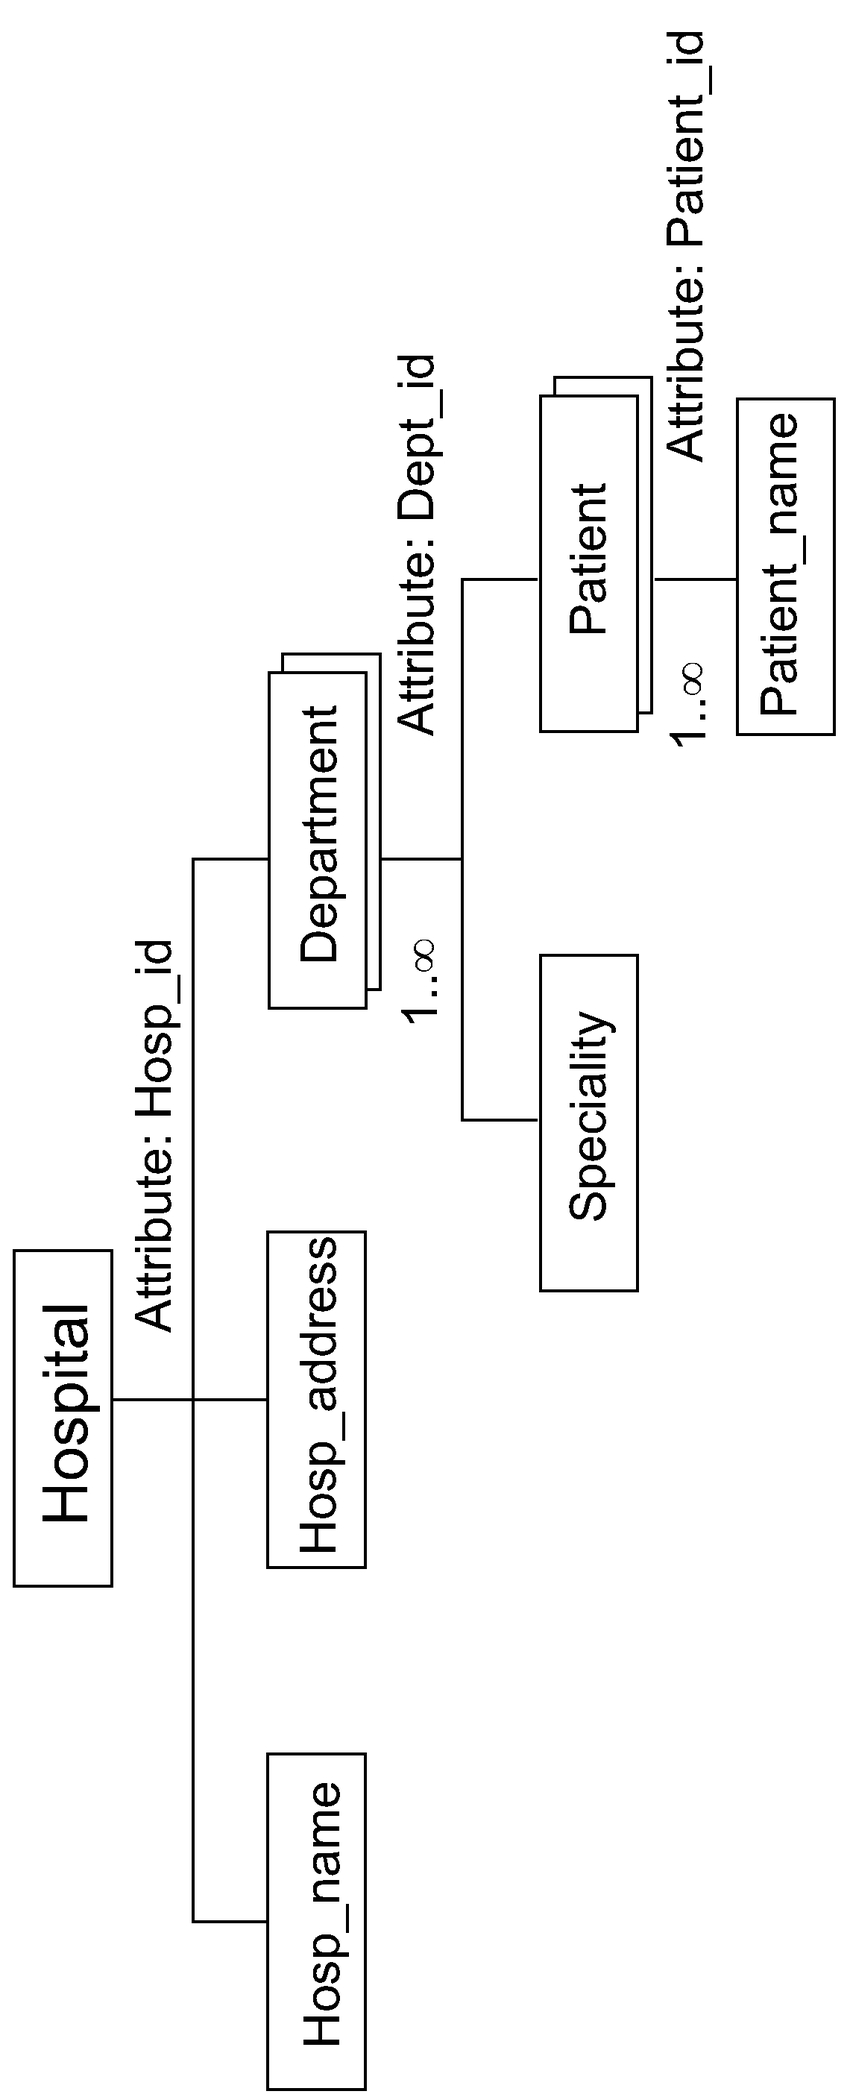 Example Of Xml Schema   Download Scientific Diagram throughout Er Diagram To Xml Schema